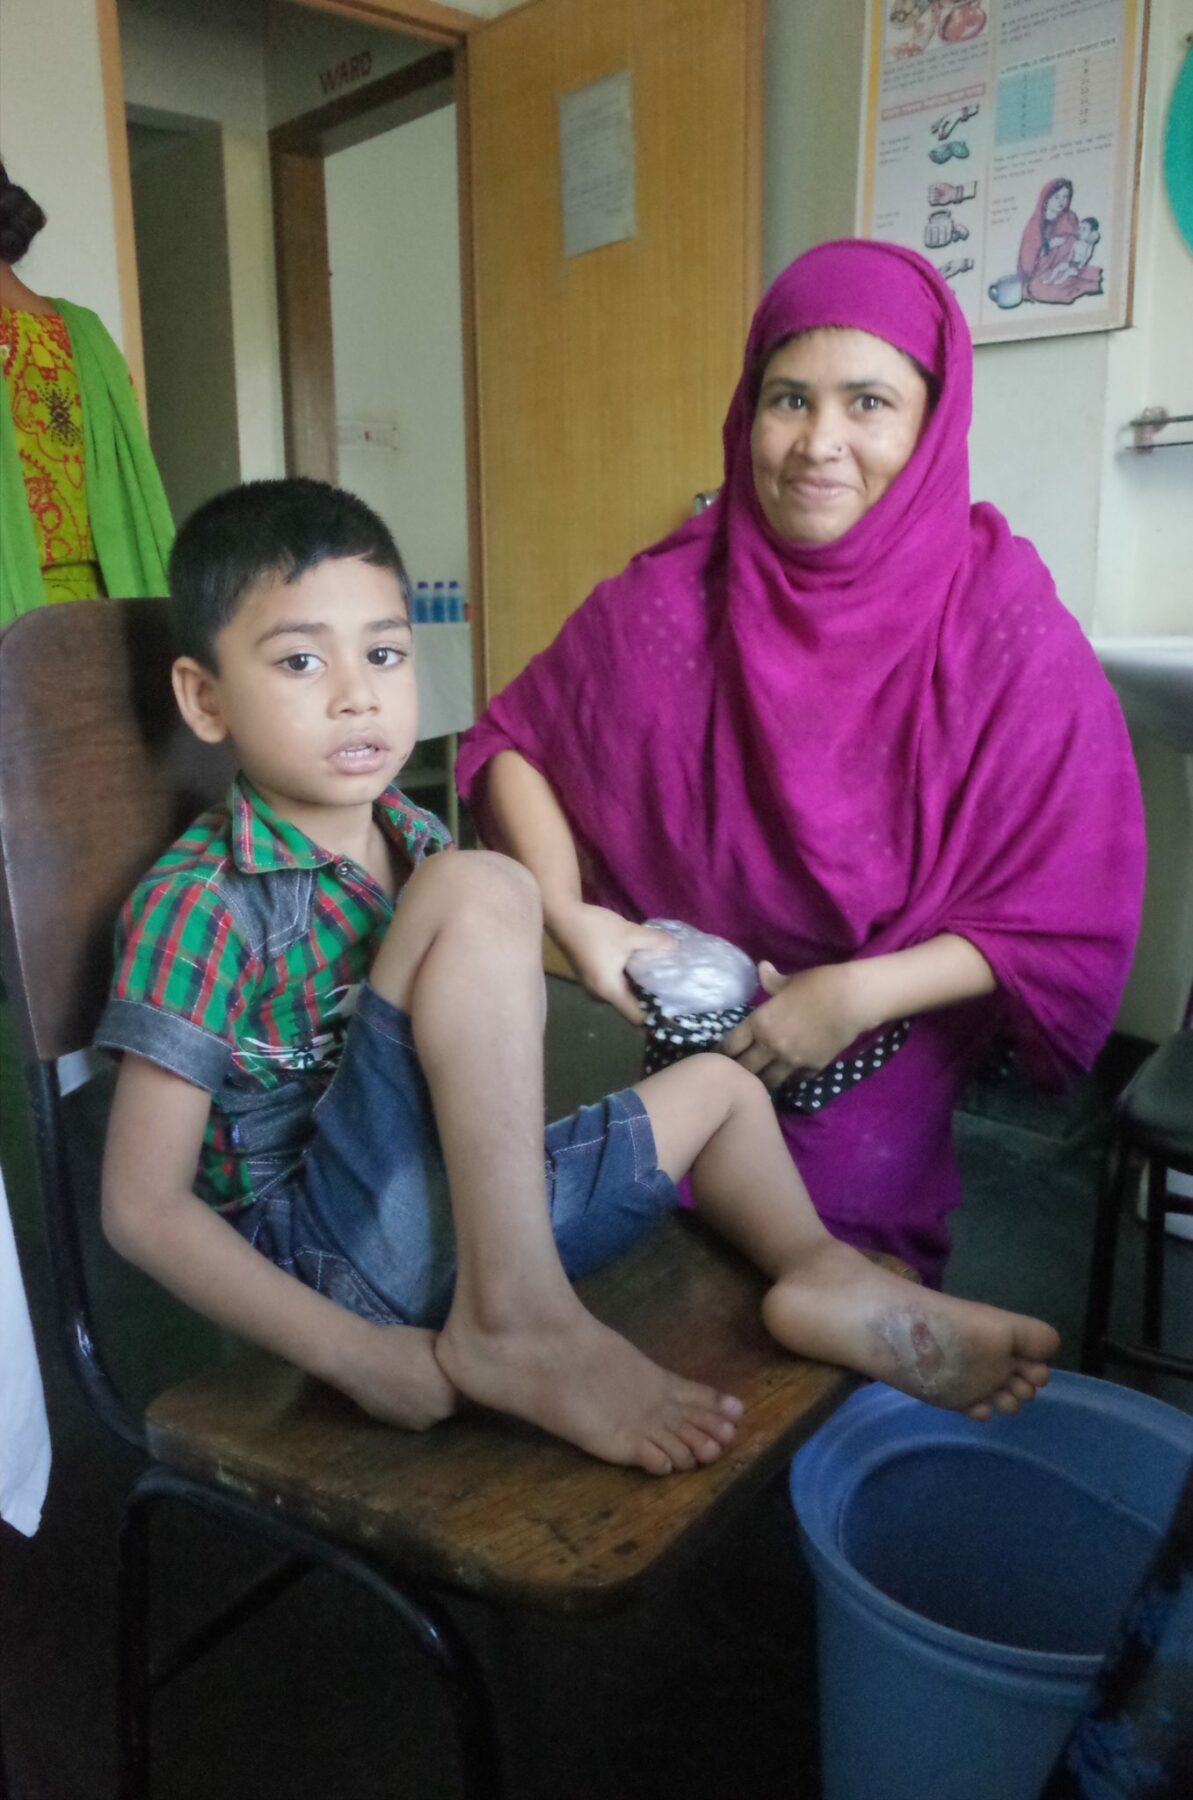 Mutter mit Kind Behandlung